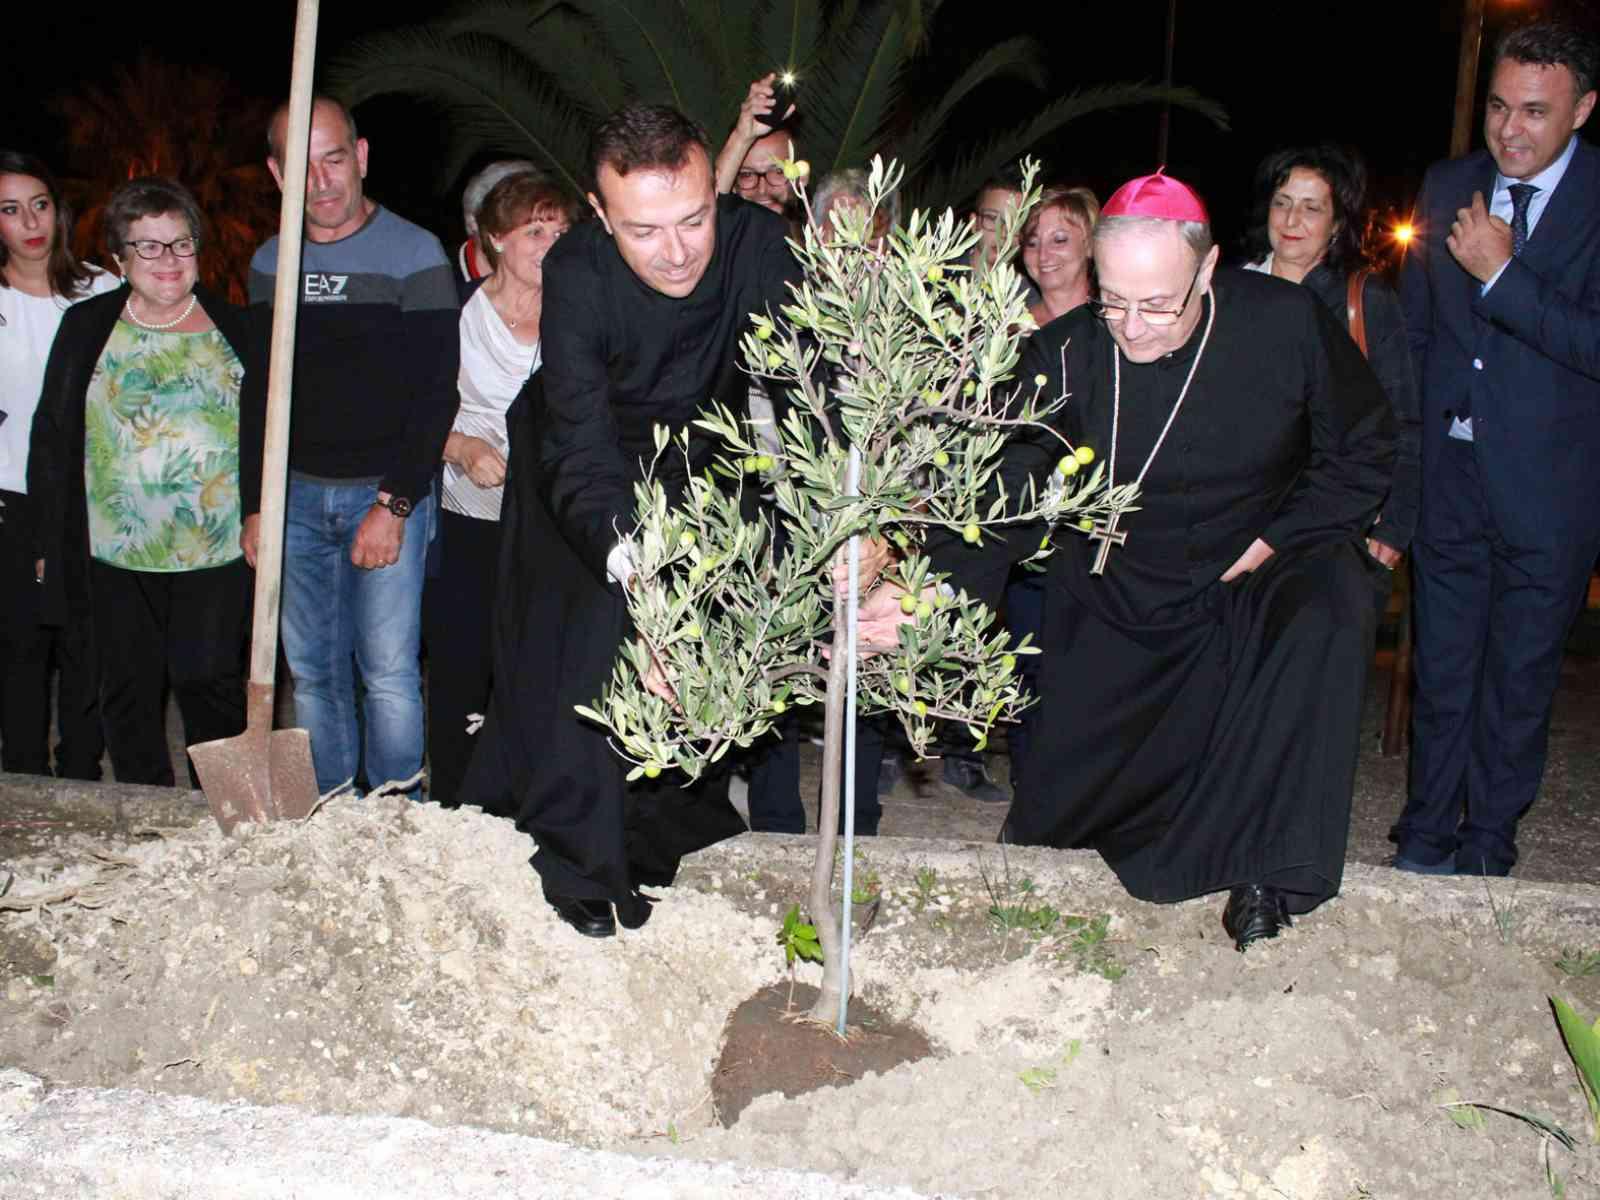 Poggioreale. Con la piantumazione di un ulivo, si è conclusa la visita pastorale del Vescovo Mogavero